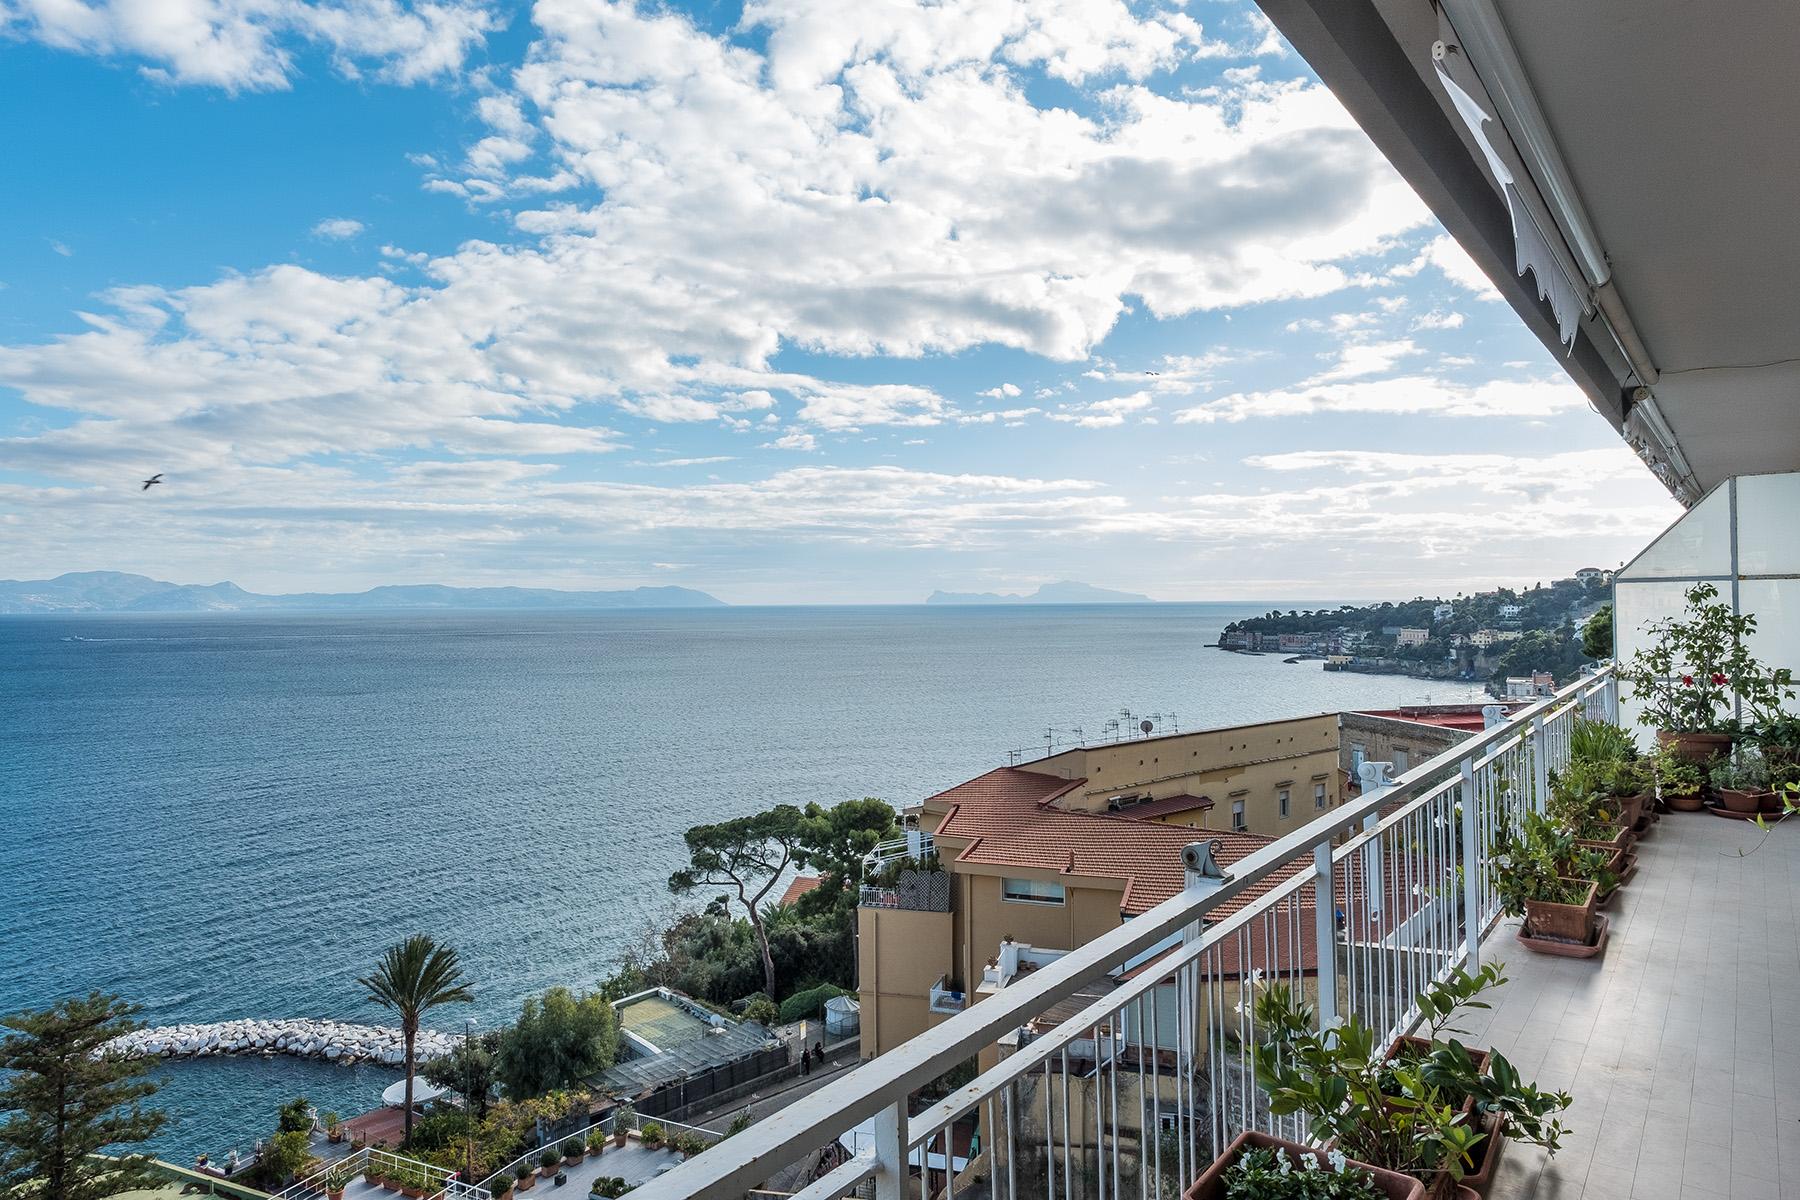 Appartamento in Vendita a Napoli: 5 locali, 230 mq - Foto 3